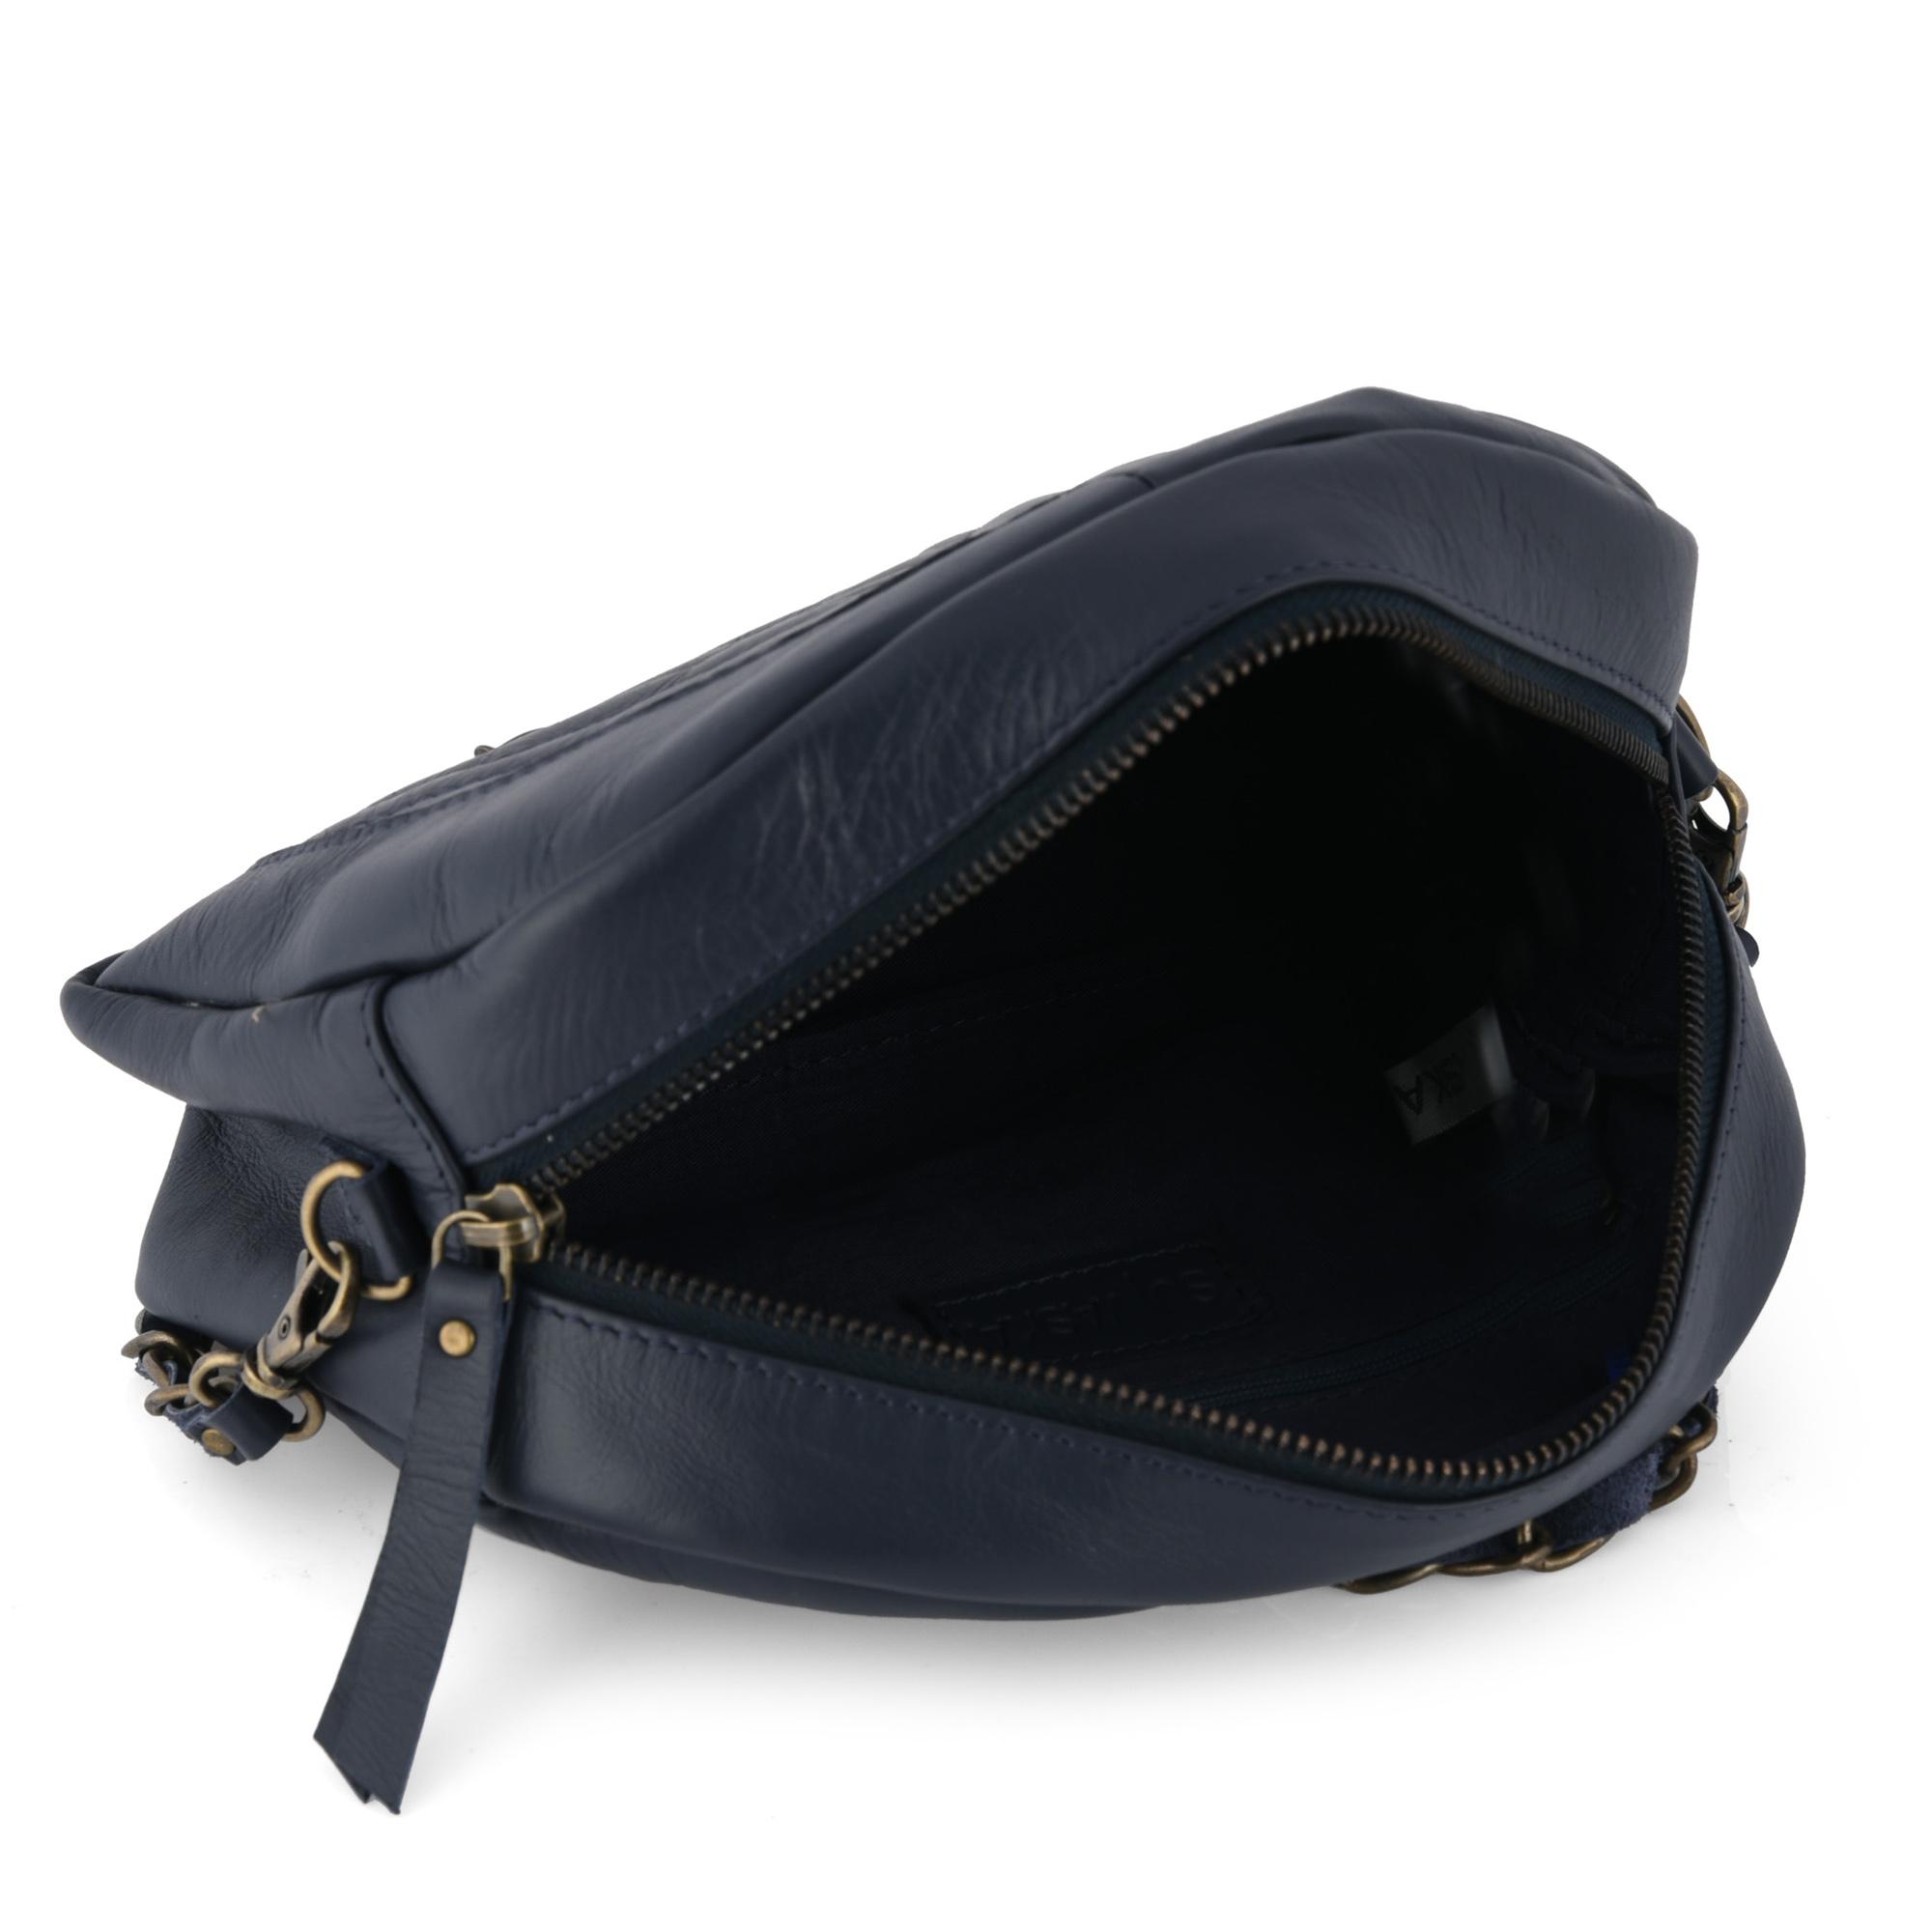 1190027_El Paso Quilted Bag_4